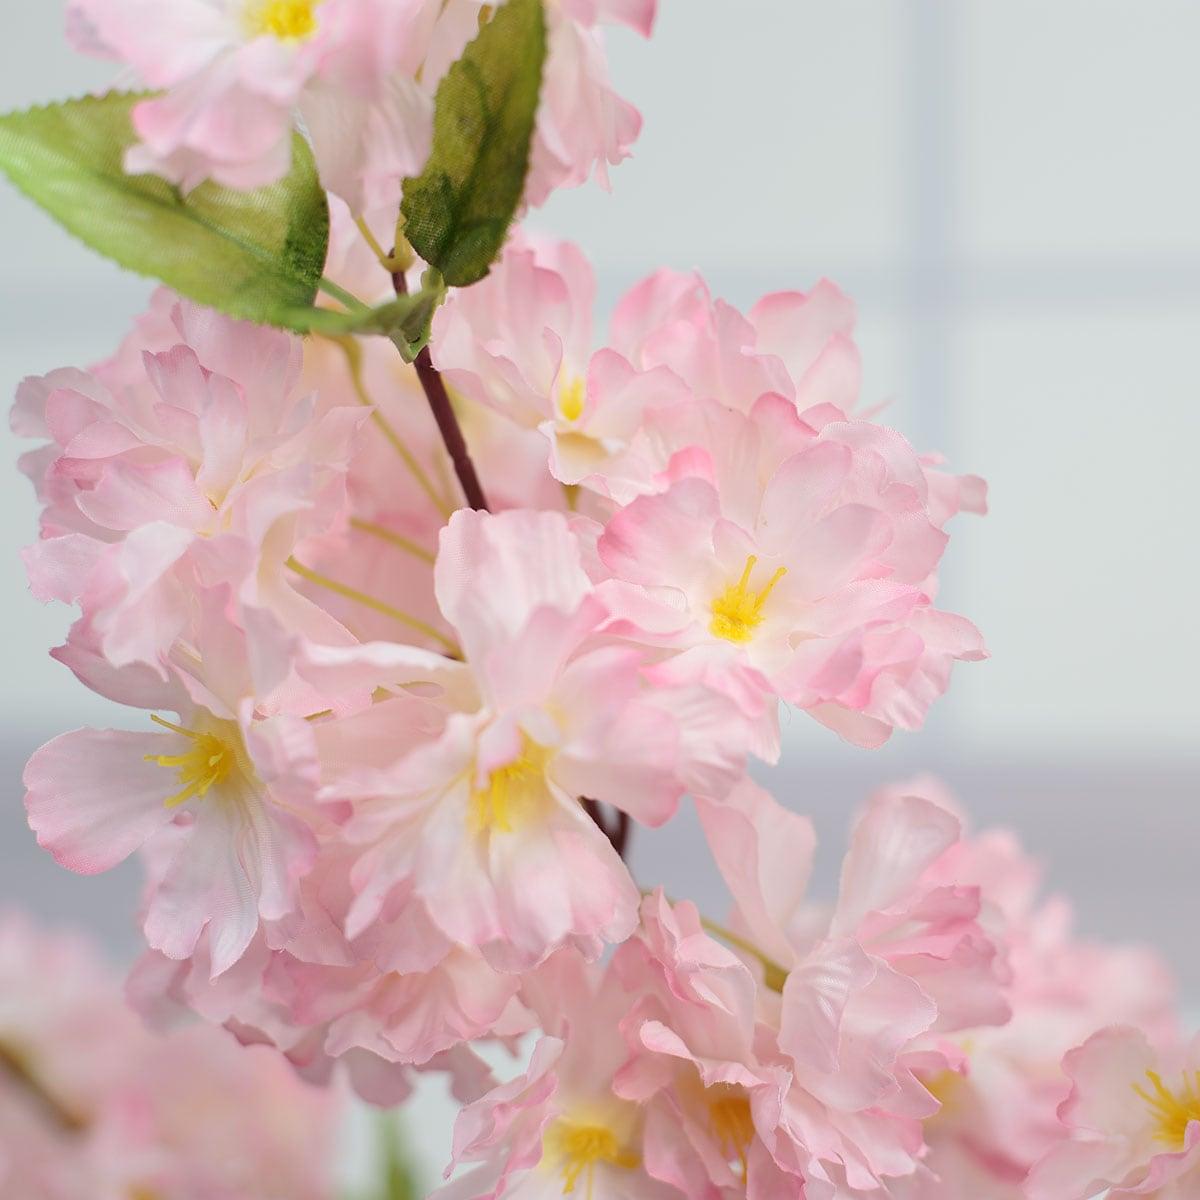 노란 꽃씨가 있는 다크핑크색 꽃송이 디테일